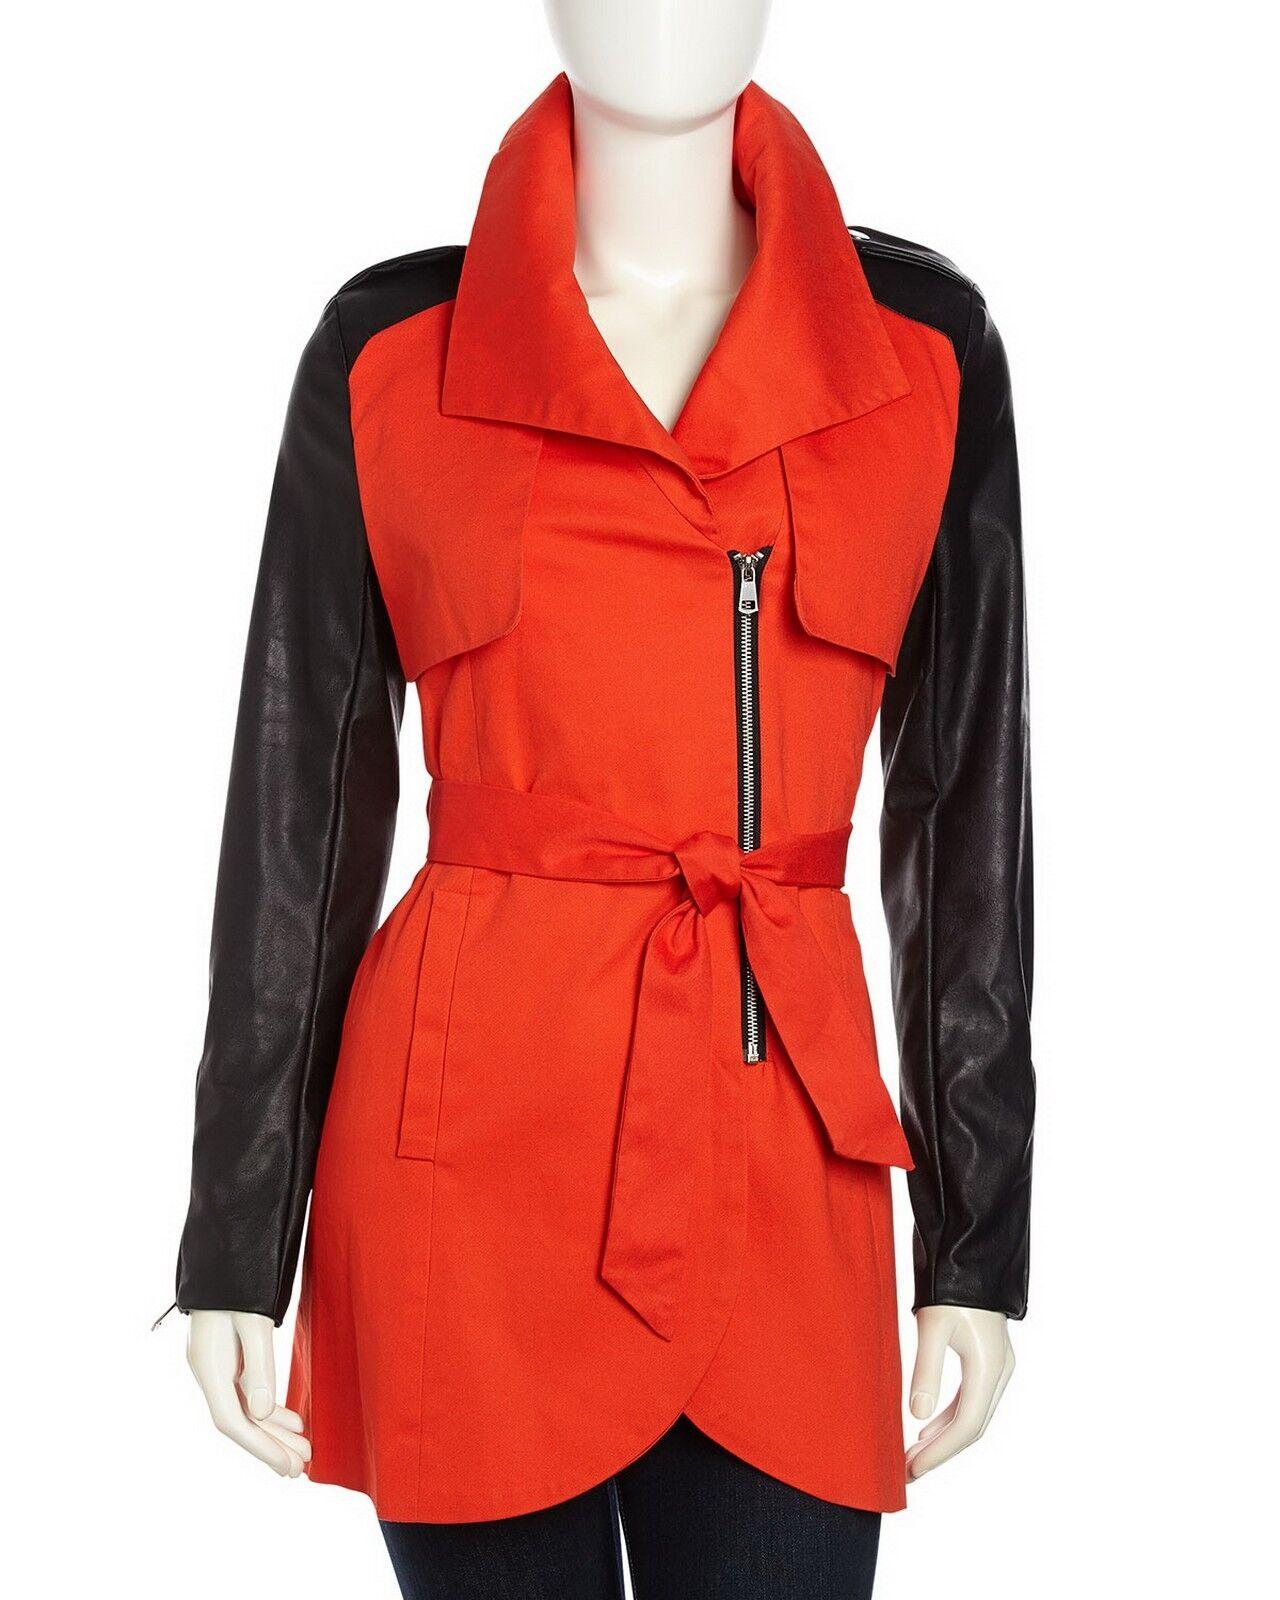 Nuevo sin etiquetas French Connection Gabardina Abrigo Chaqueta, Color   Negro Rojo, Pequeña  250  marca en liquidación de venta